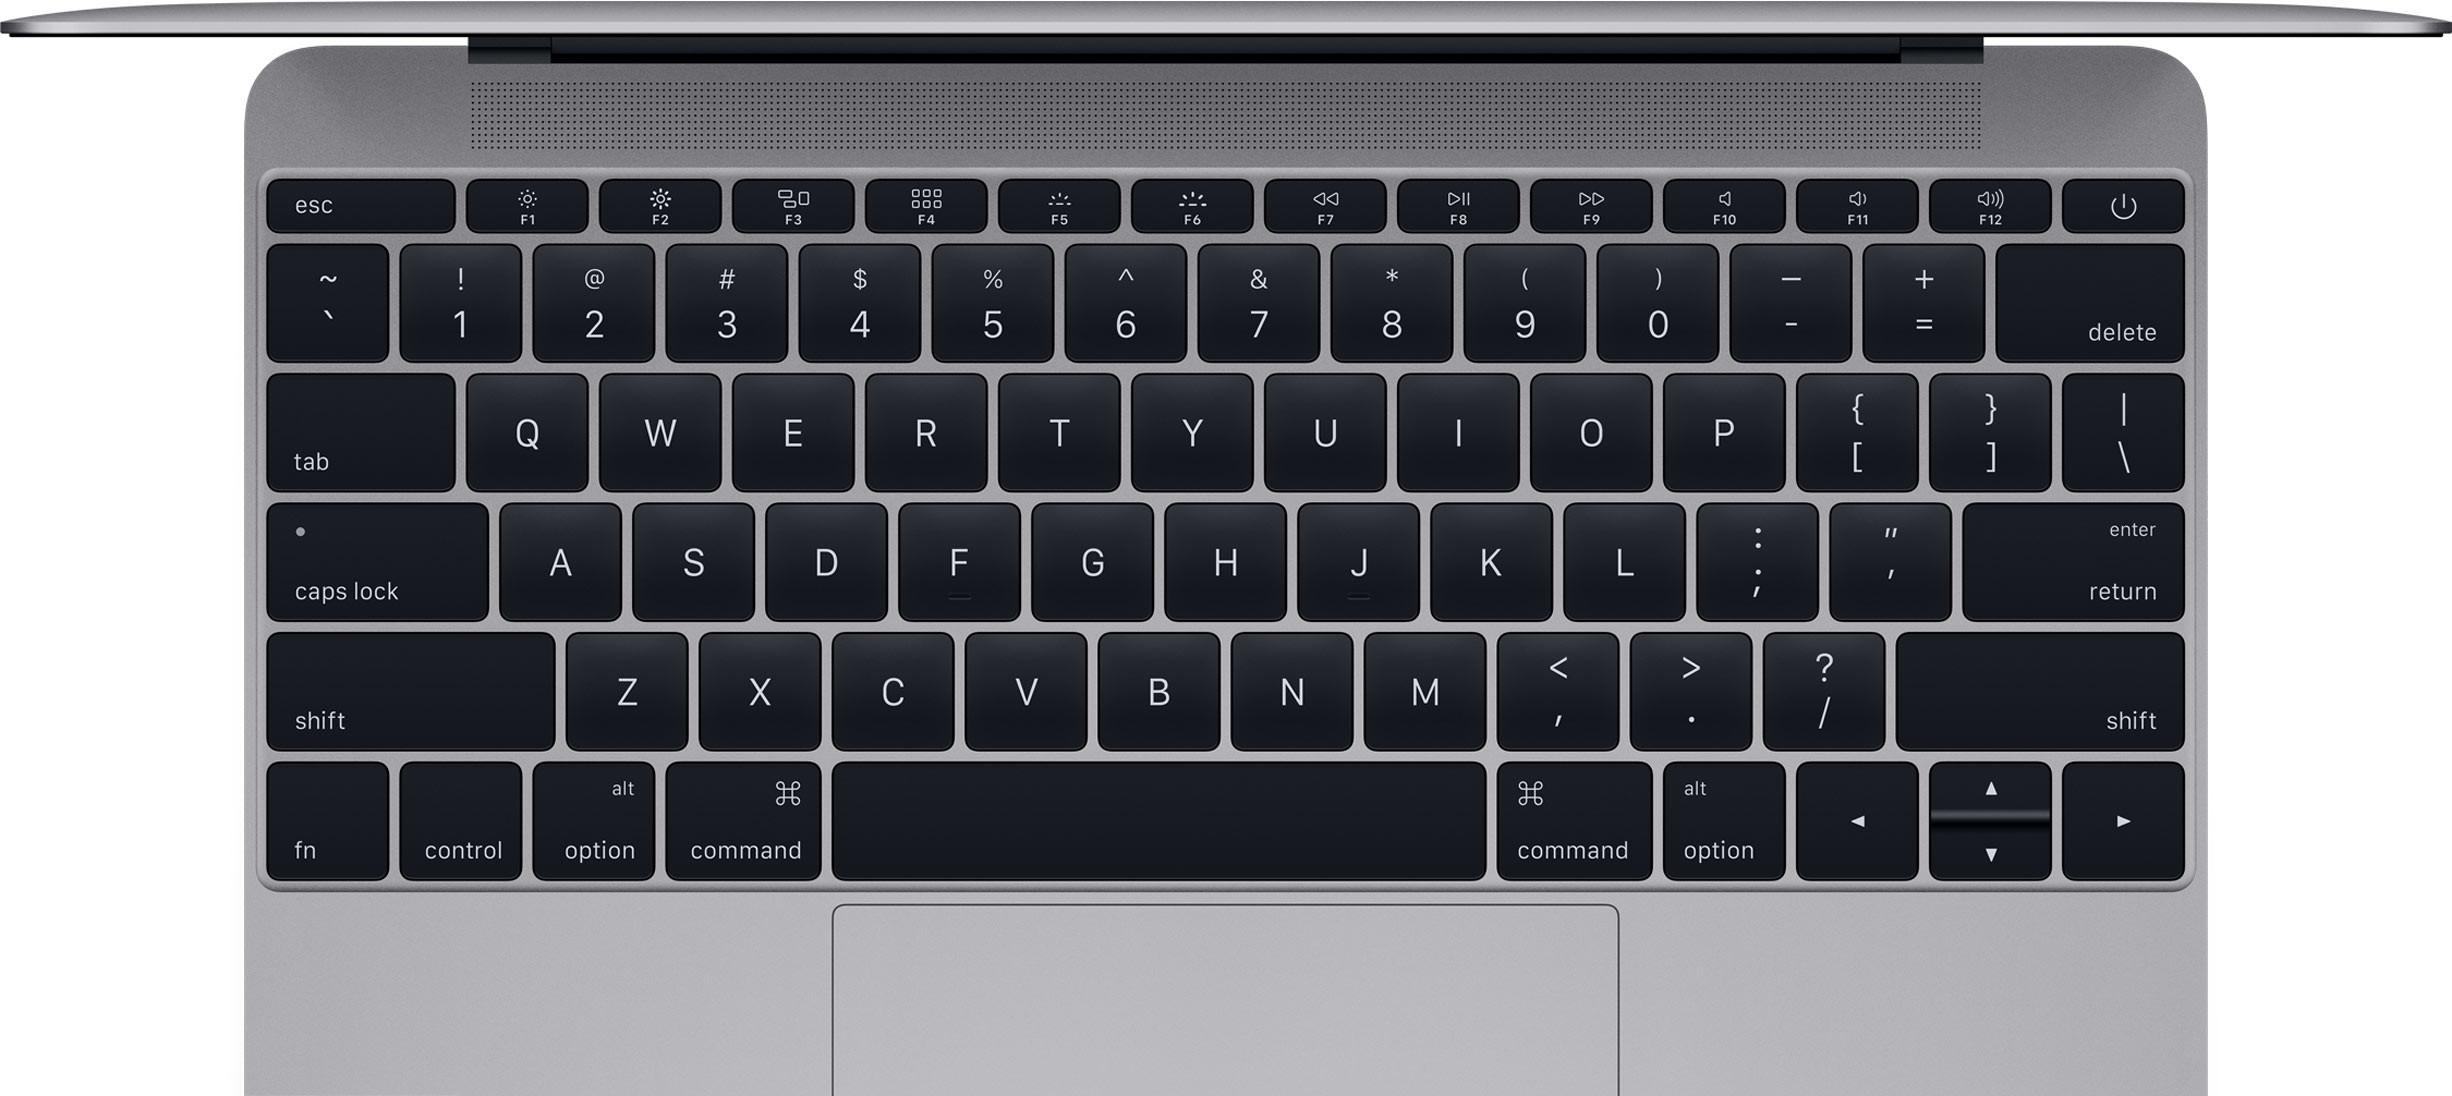 1510816063_macbook-keyboard.jpg